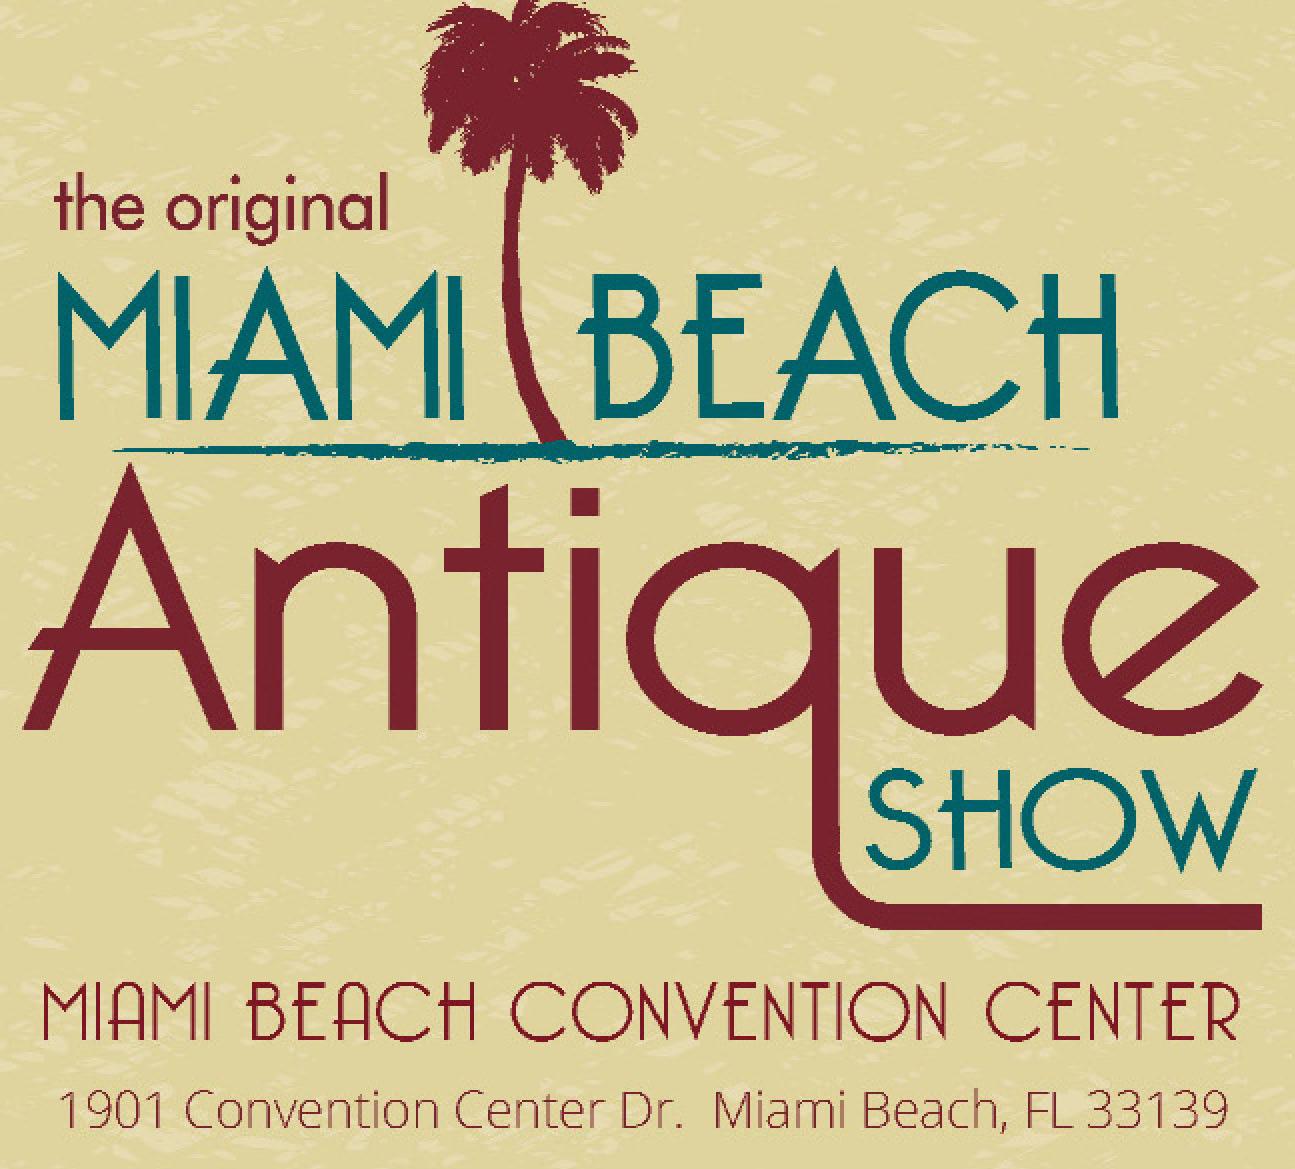 The Original Miami Beach Antique Show